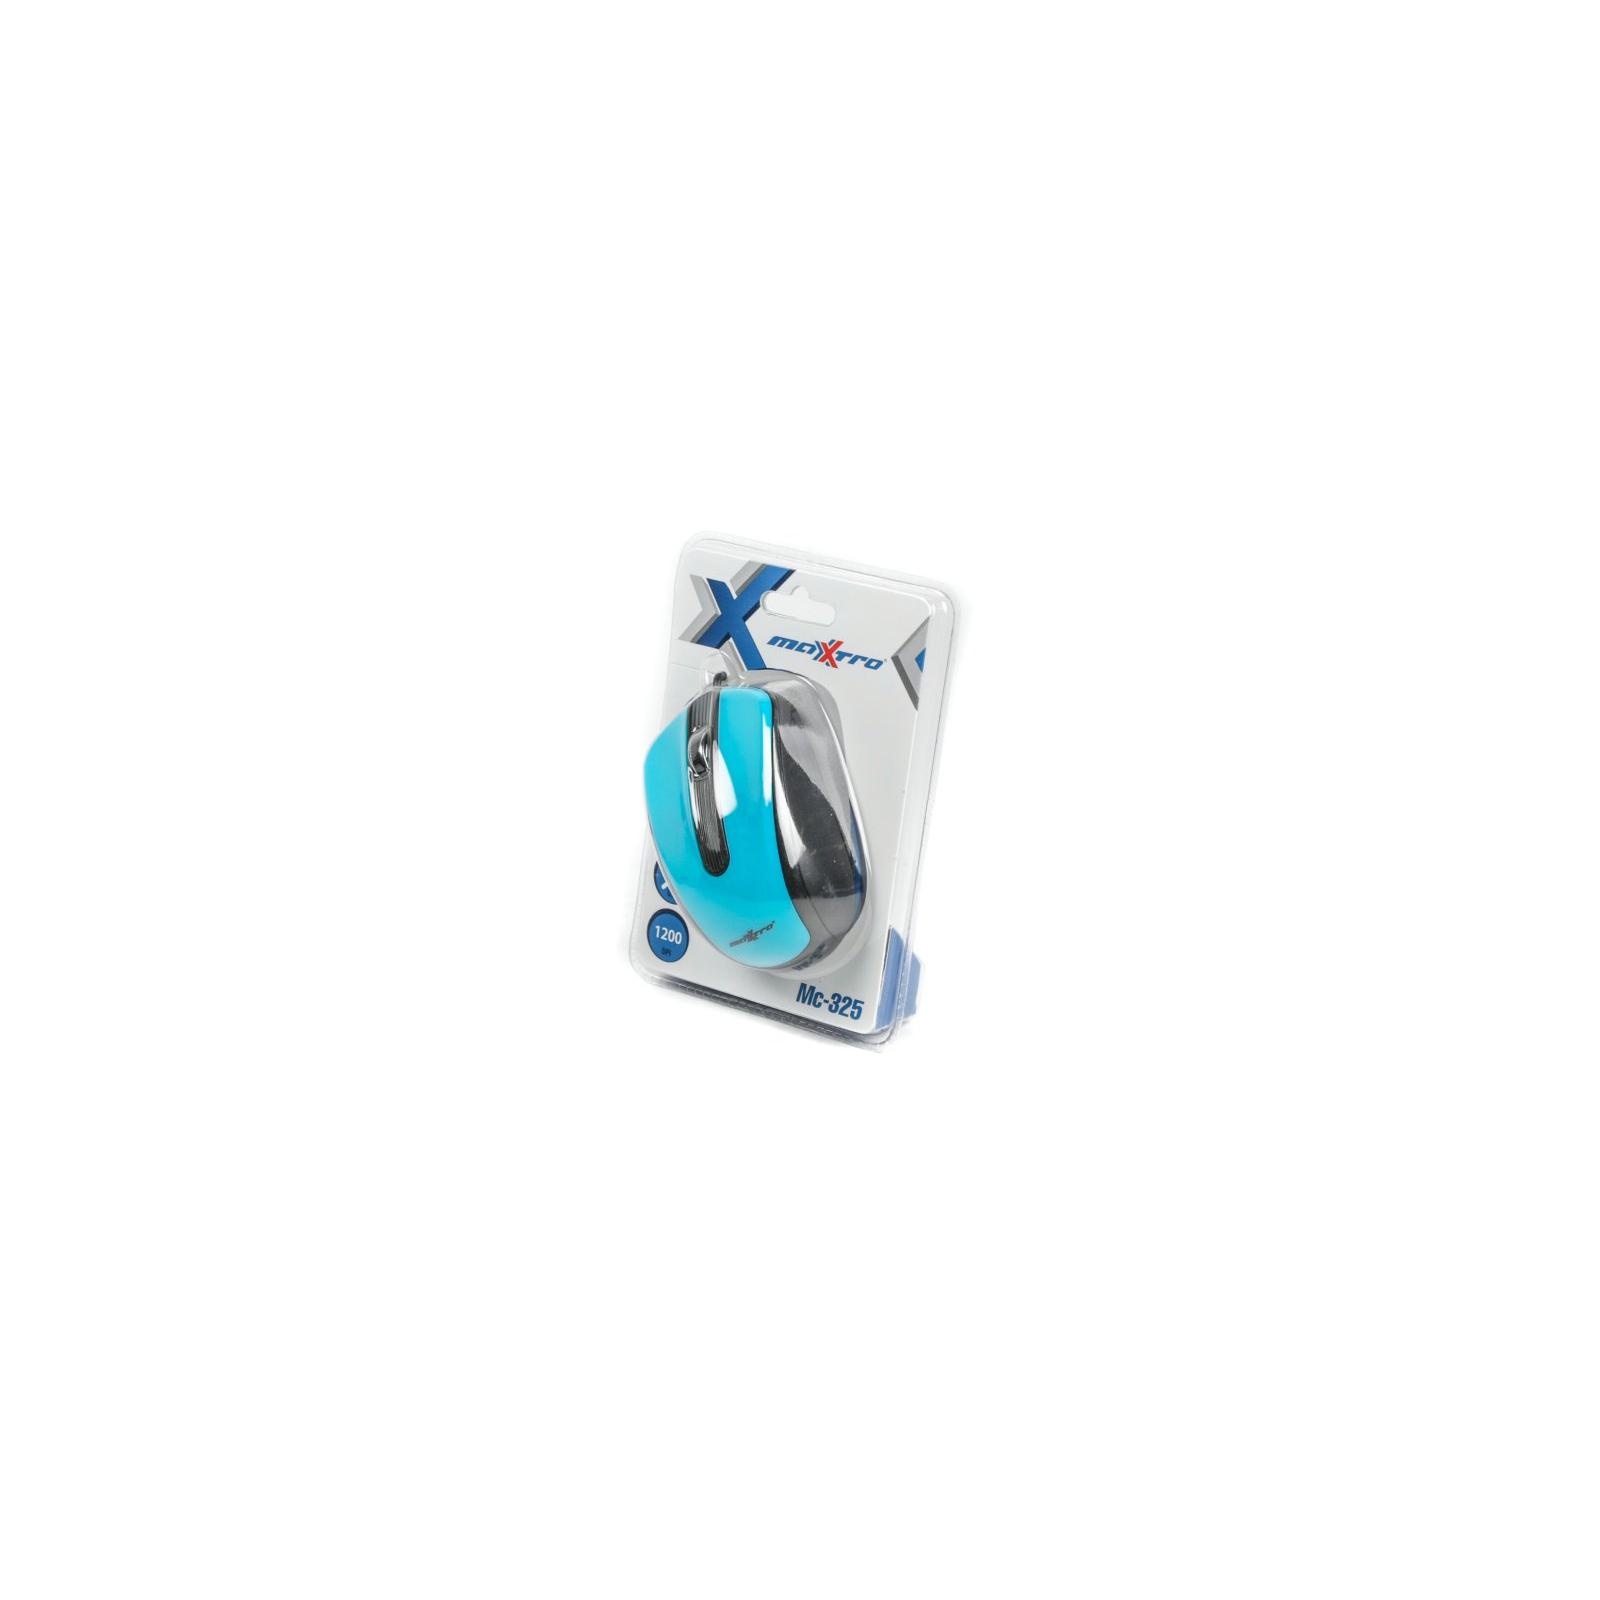 Мышка Maxxter Mc-325-B изображение 4